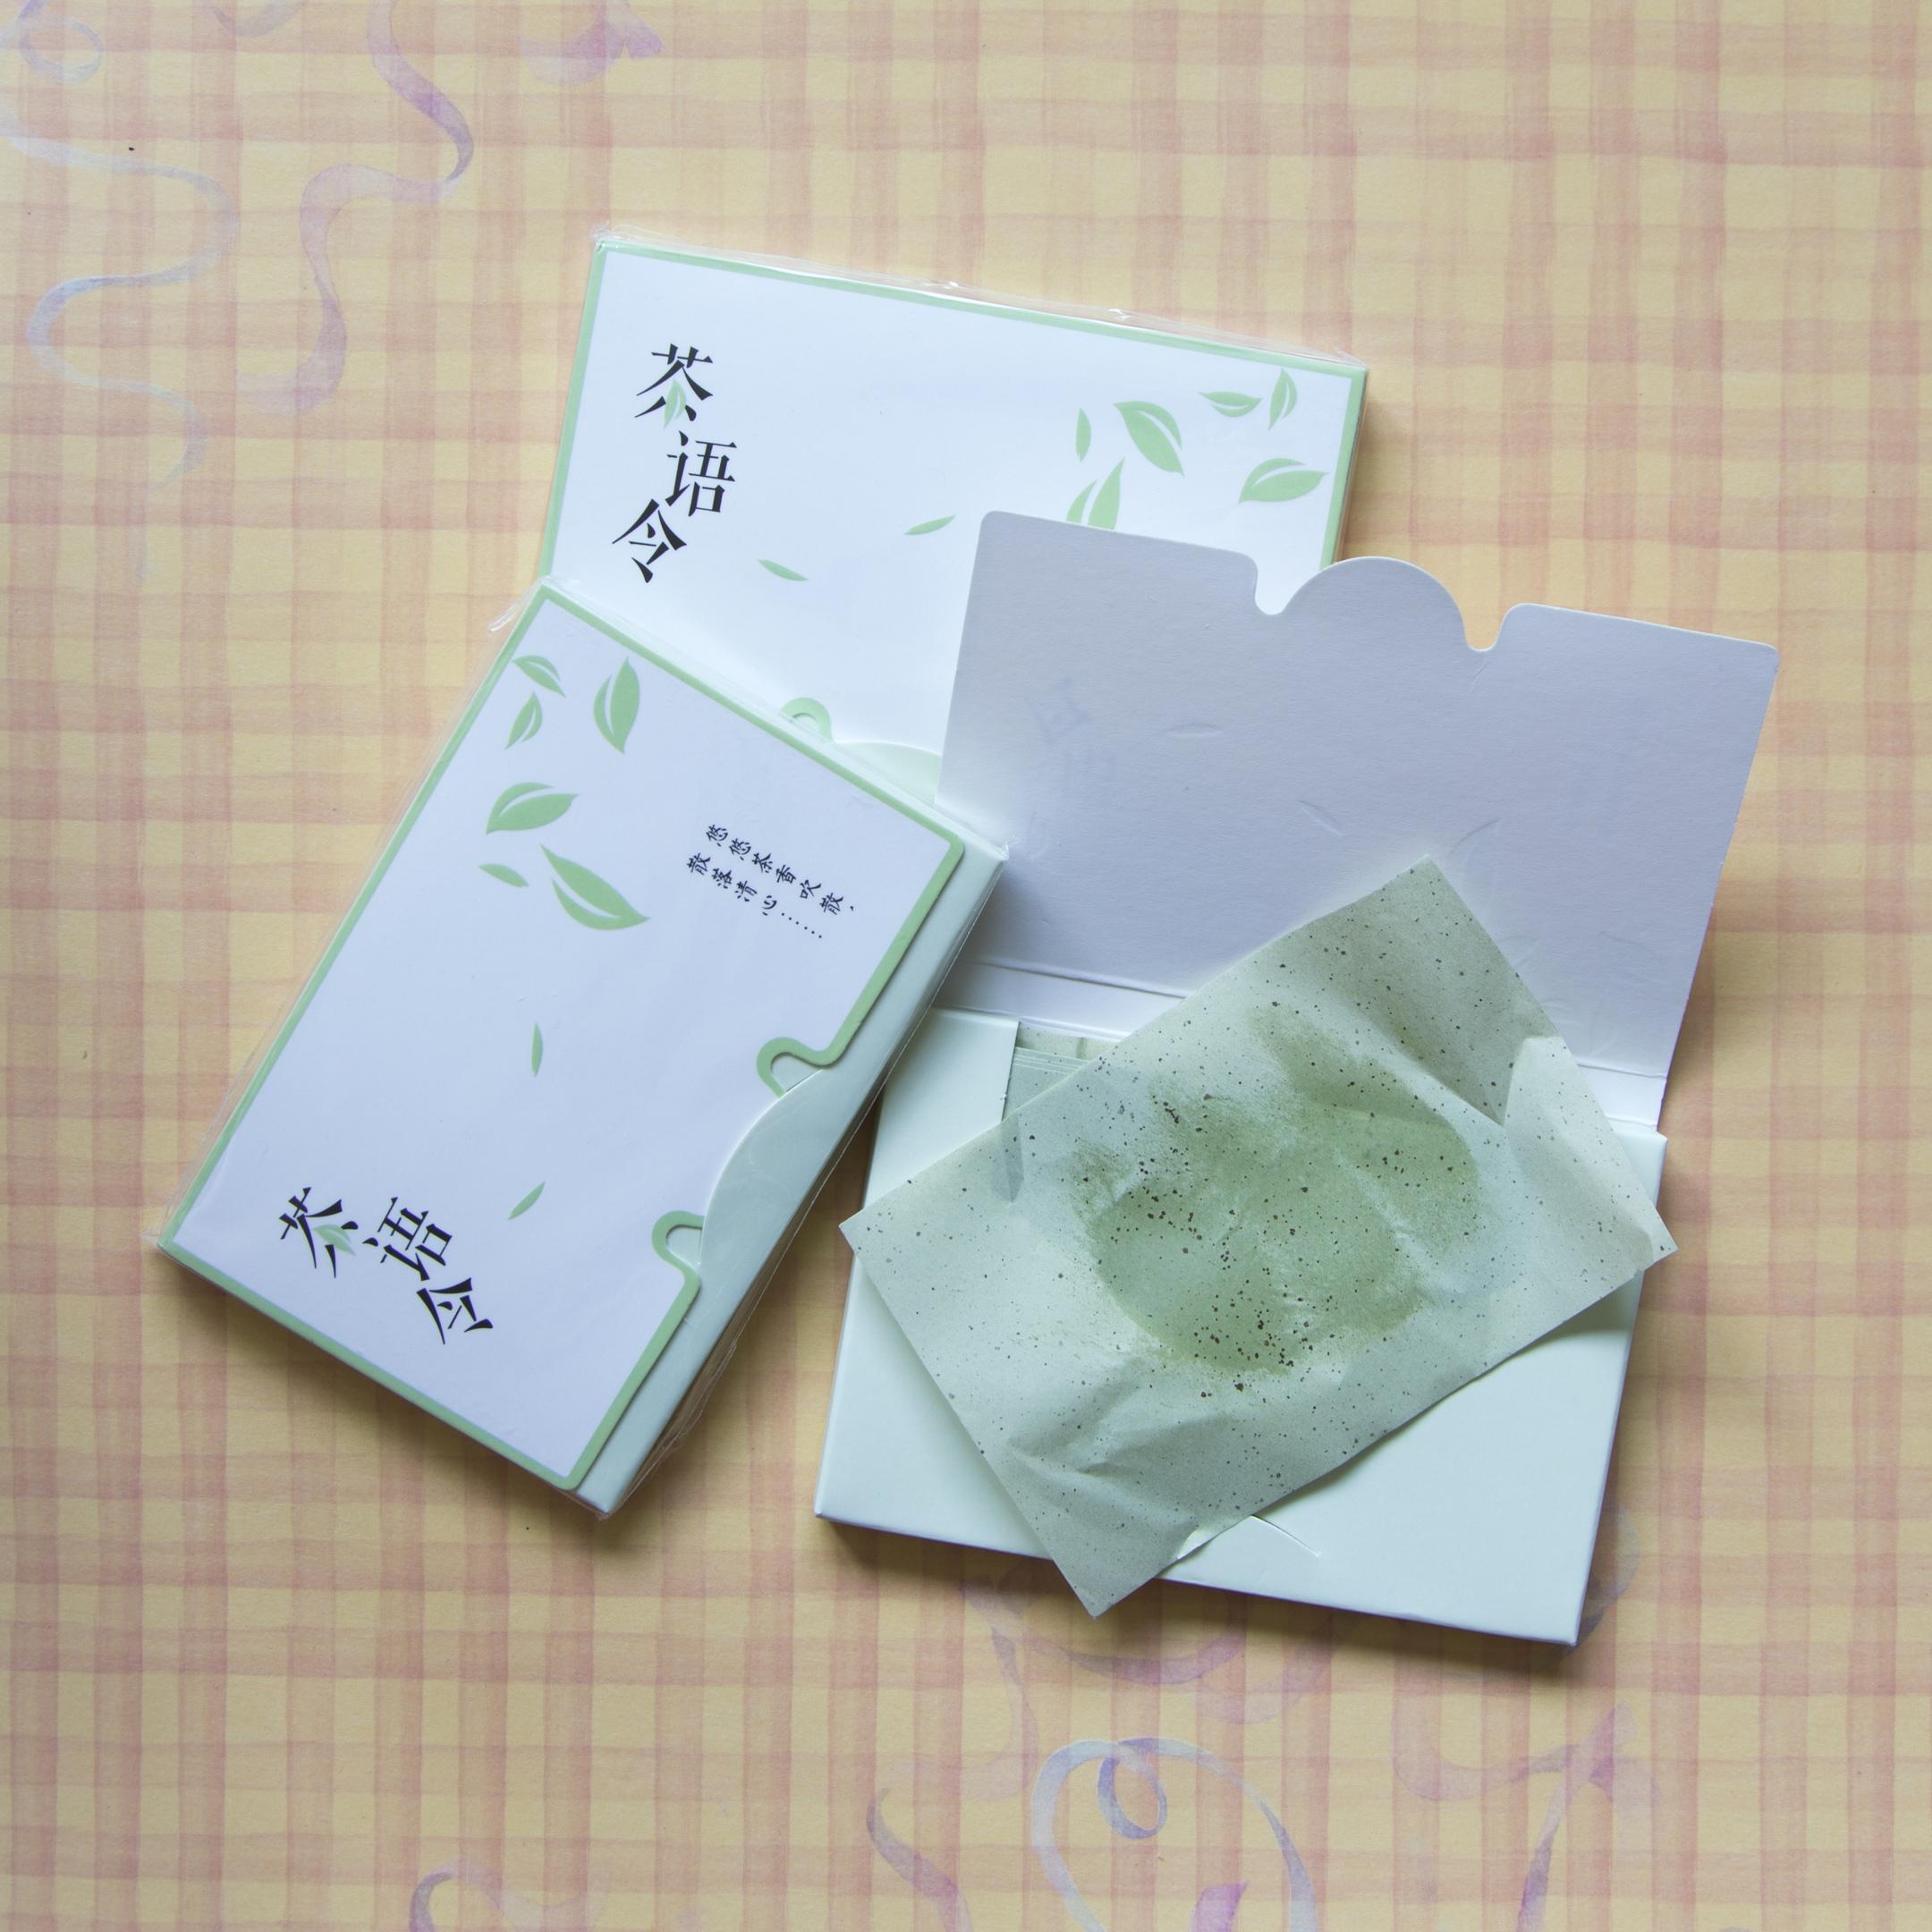 Матирующие салфетки от магазина SOONPURE OfficialStore